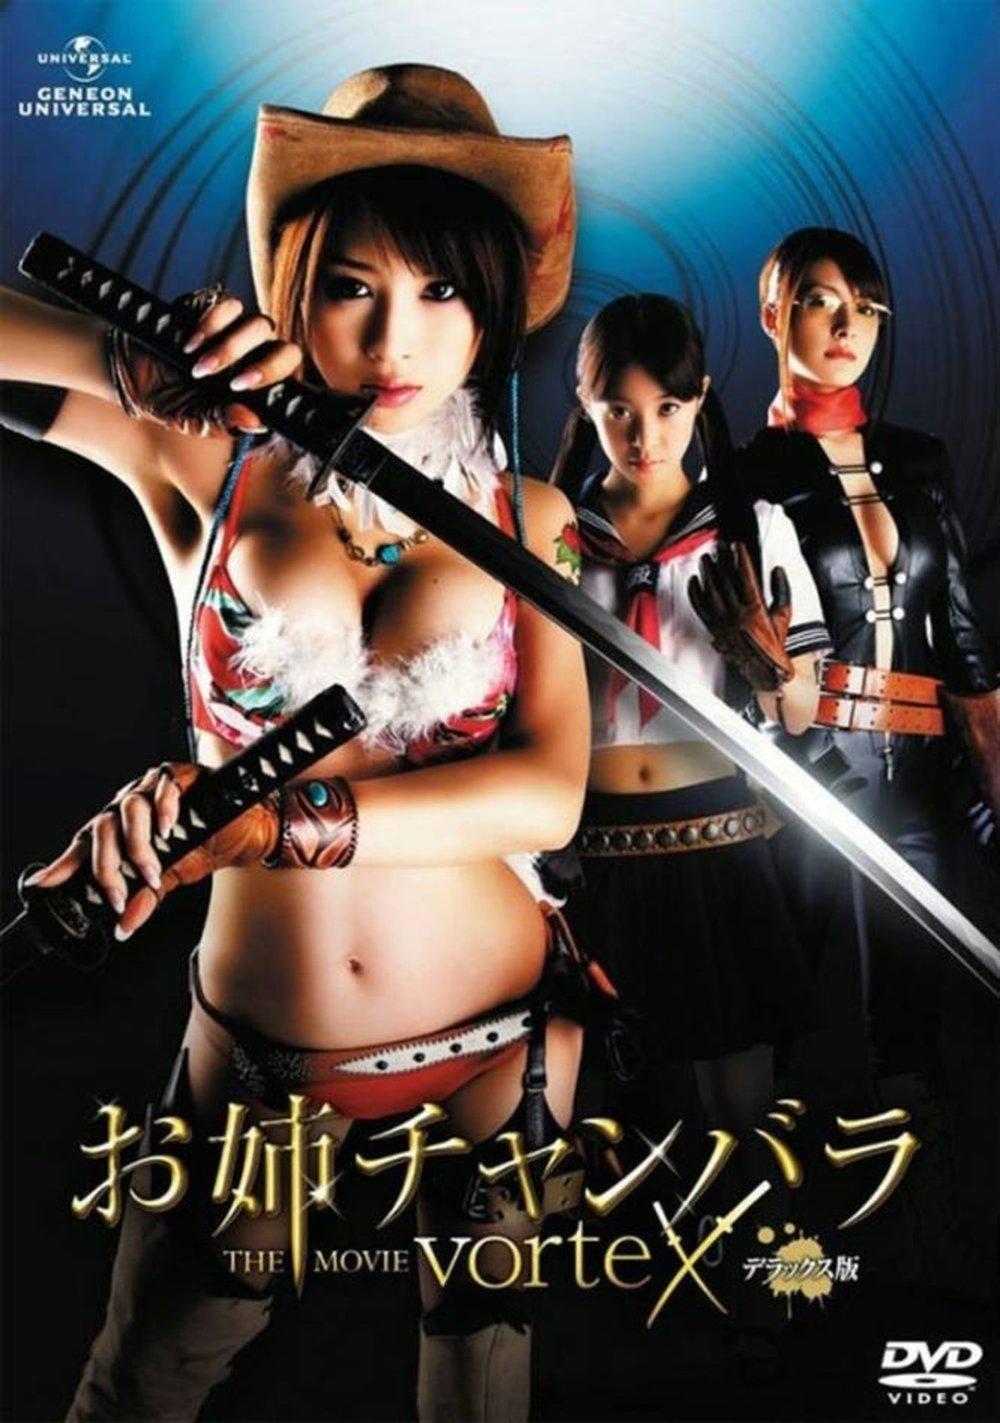 onechanbara-the-movie-vortex-01.jpg